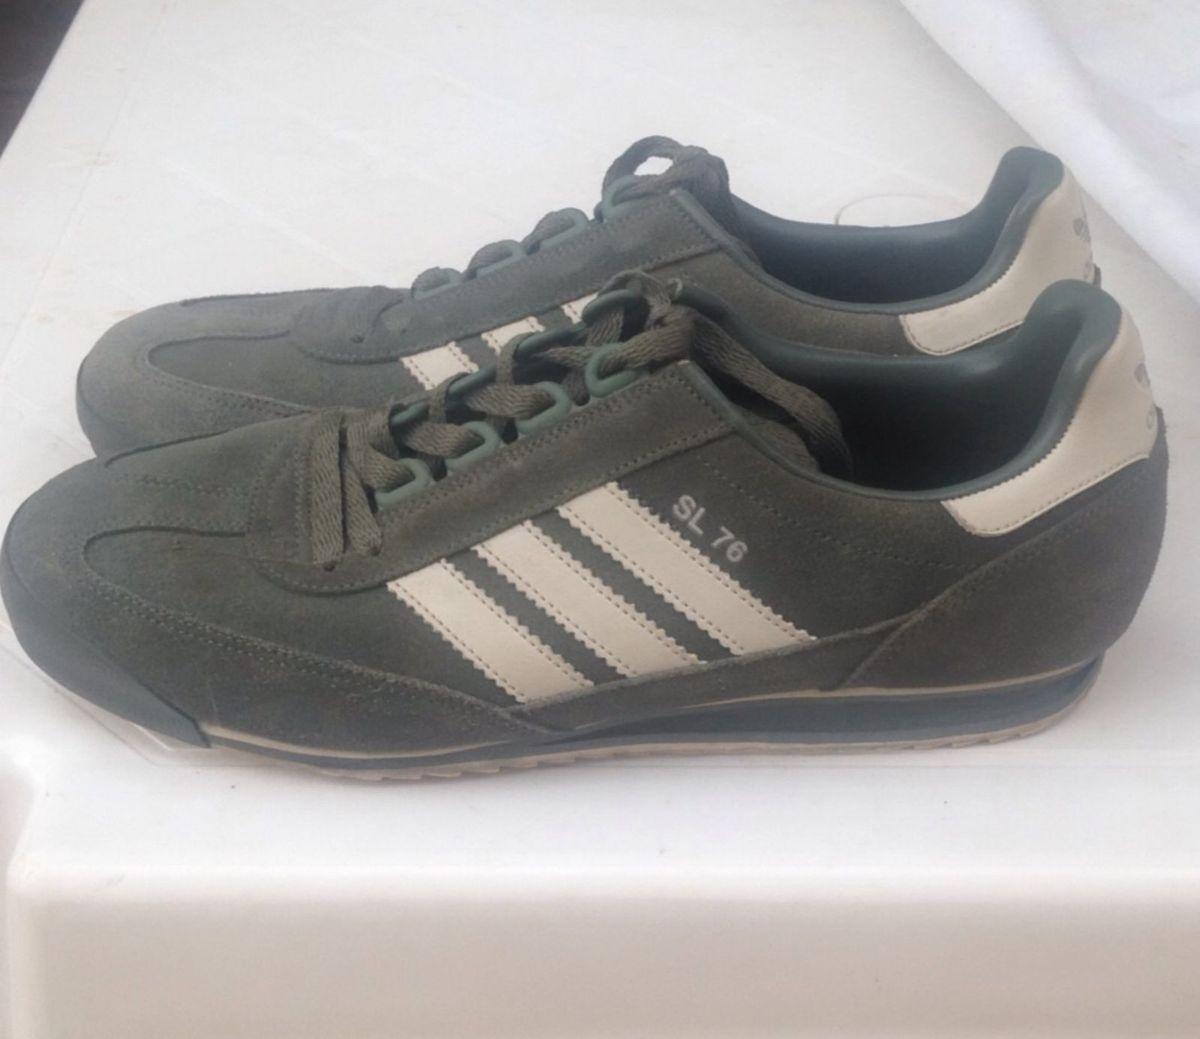 herir Gimnasio Elaborar  Adidas Sl76 - Numeração 41 Importado da Europa. | Tênis Masculino Adidas  Usado 27398667 | enjoei